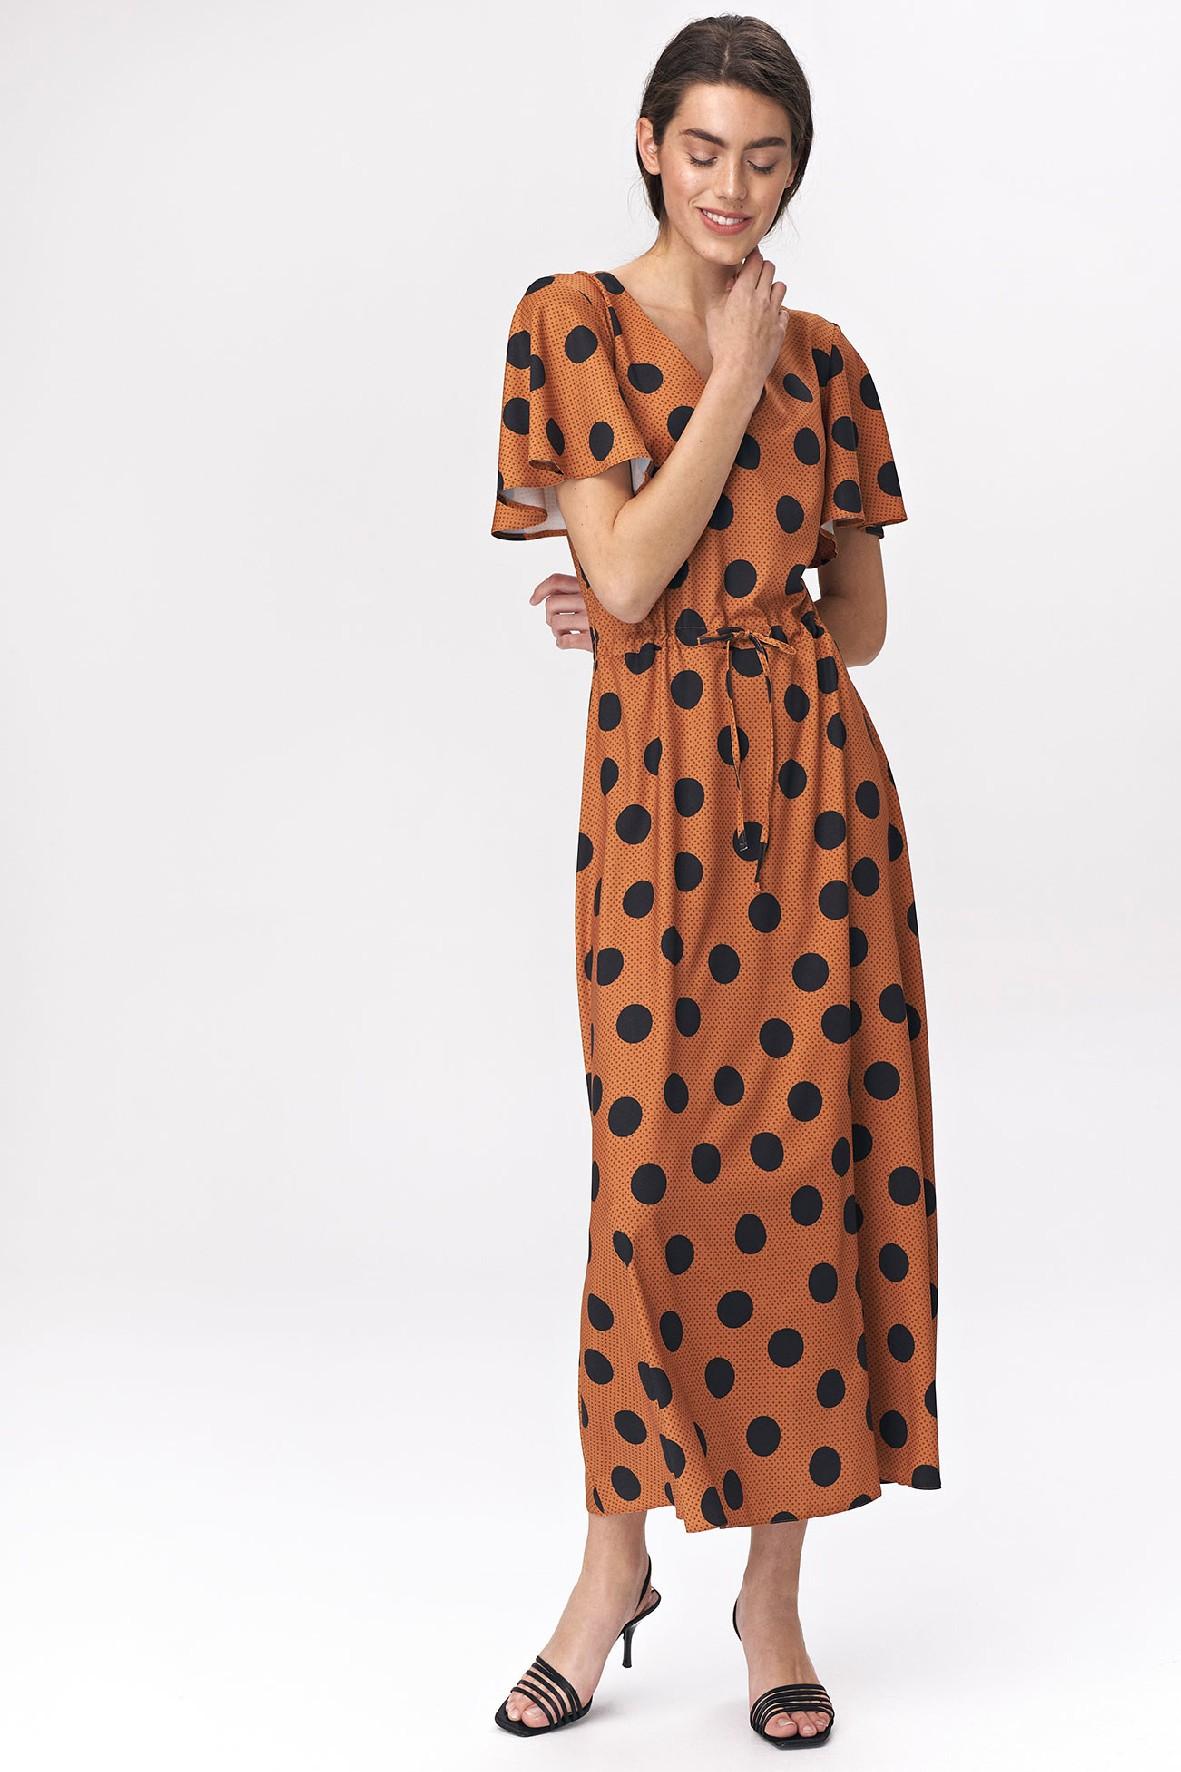 Karmelowa sukienka damska w grochy- maxi